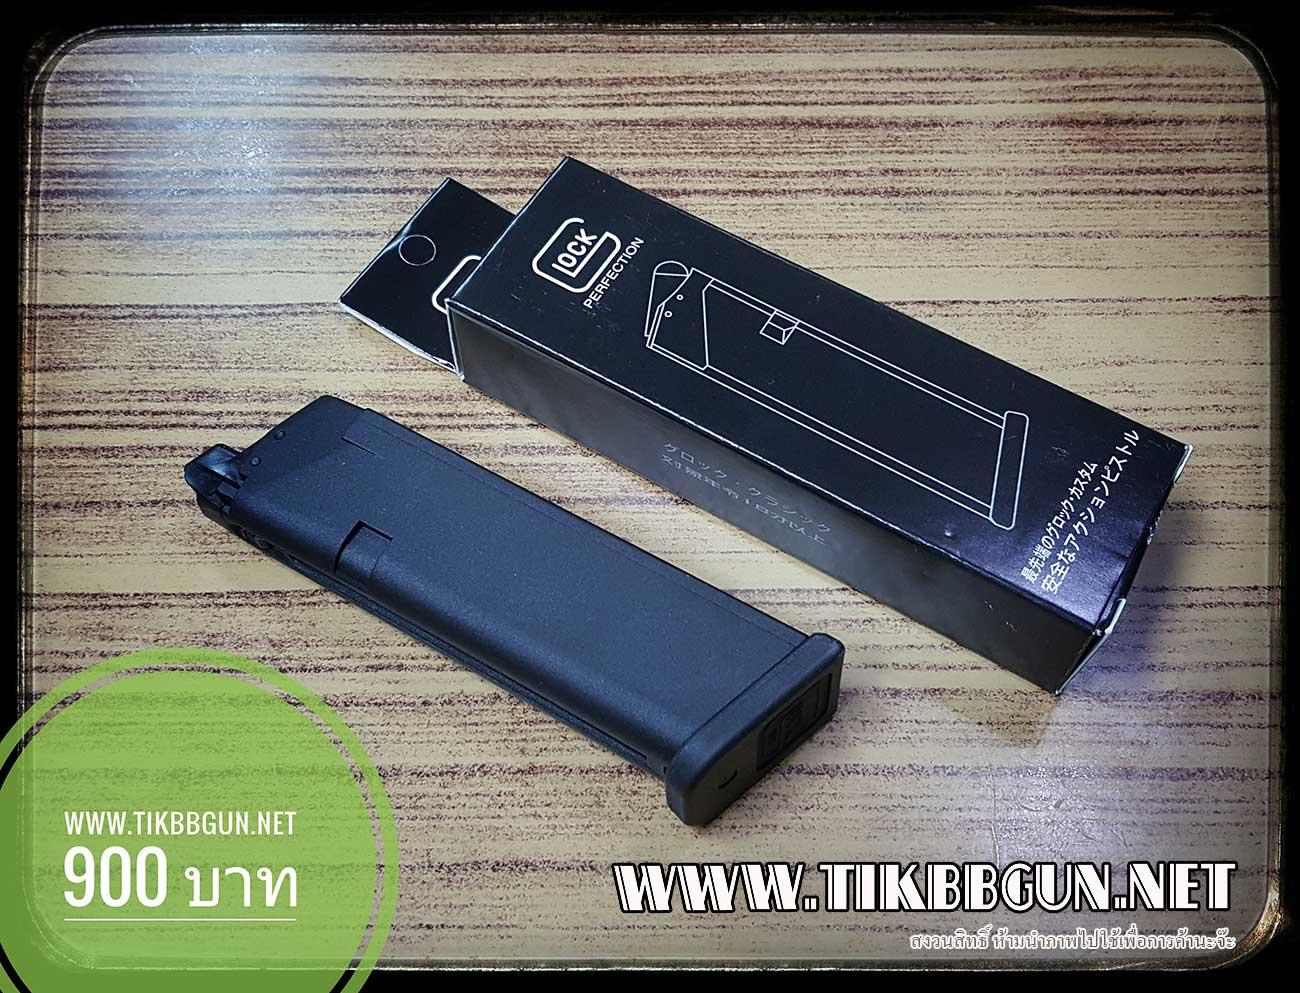 แม๊กสำหรับปืนอัดแก๊ส Glock17,18,34 VFC(SAA)